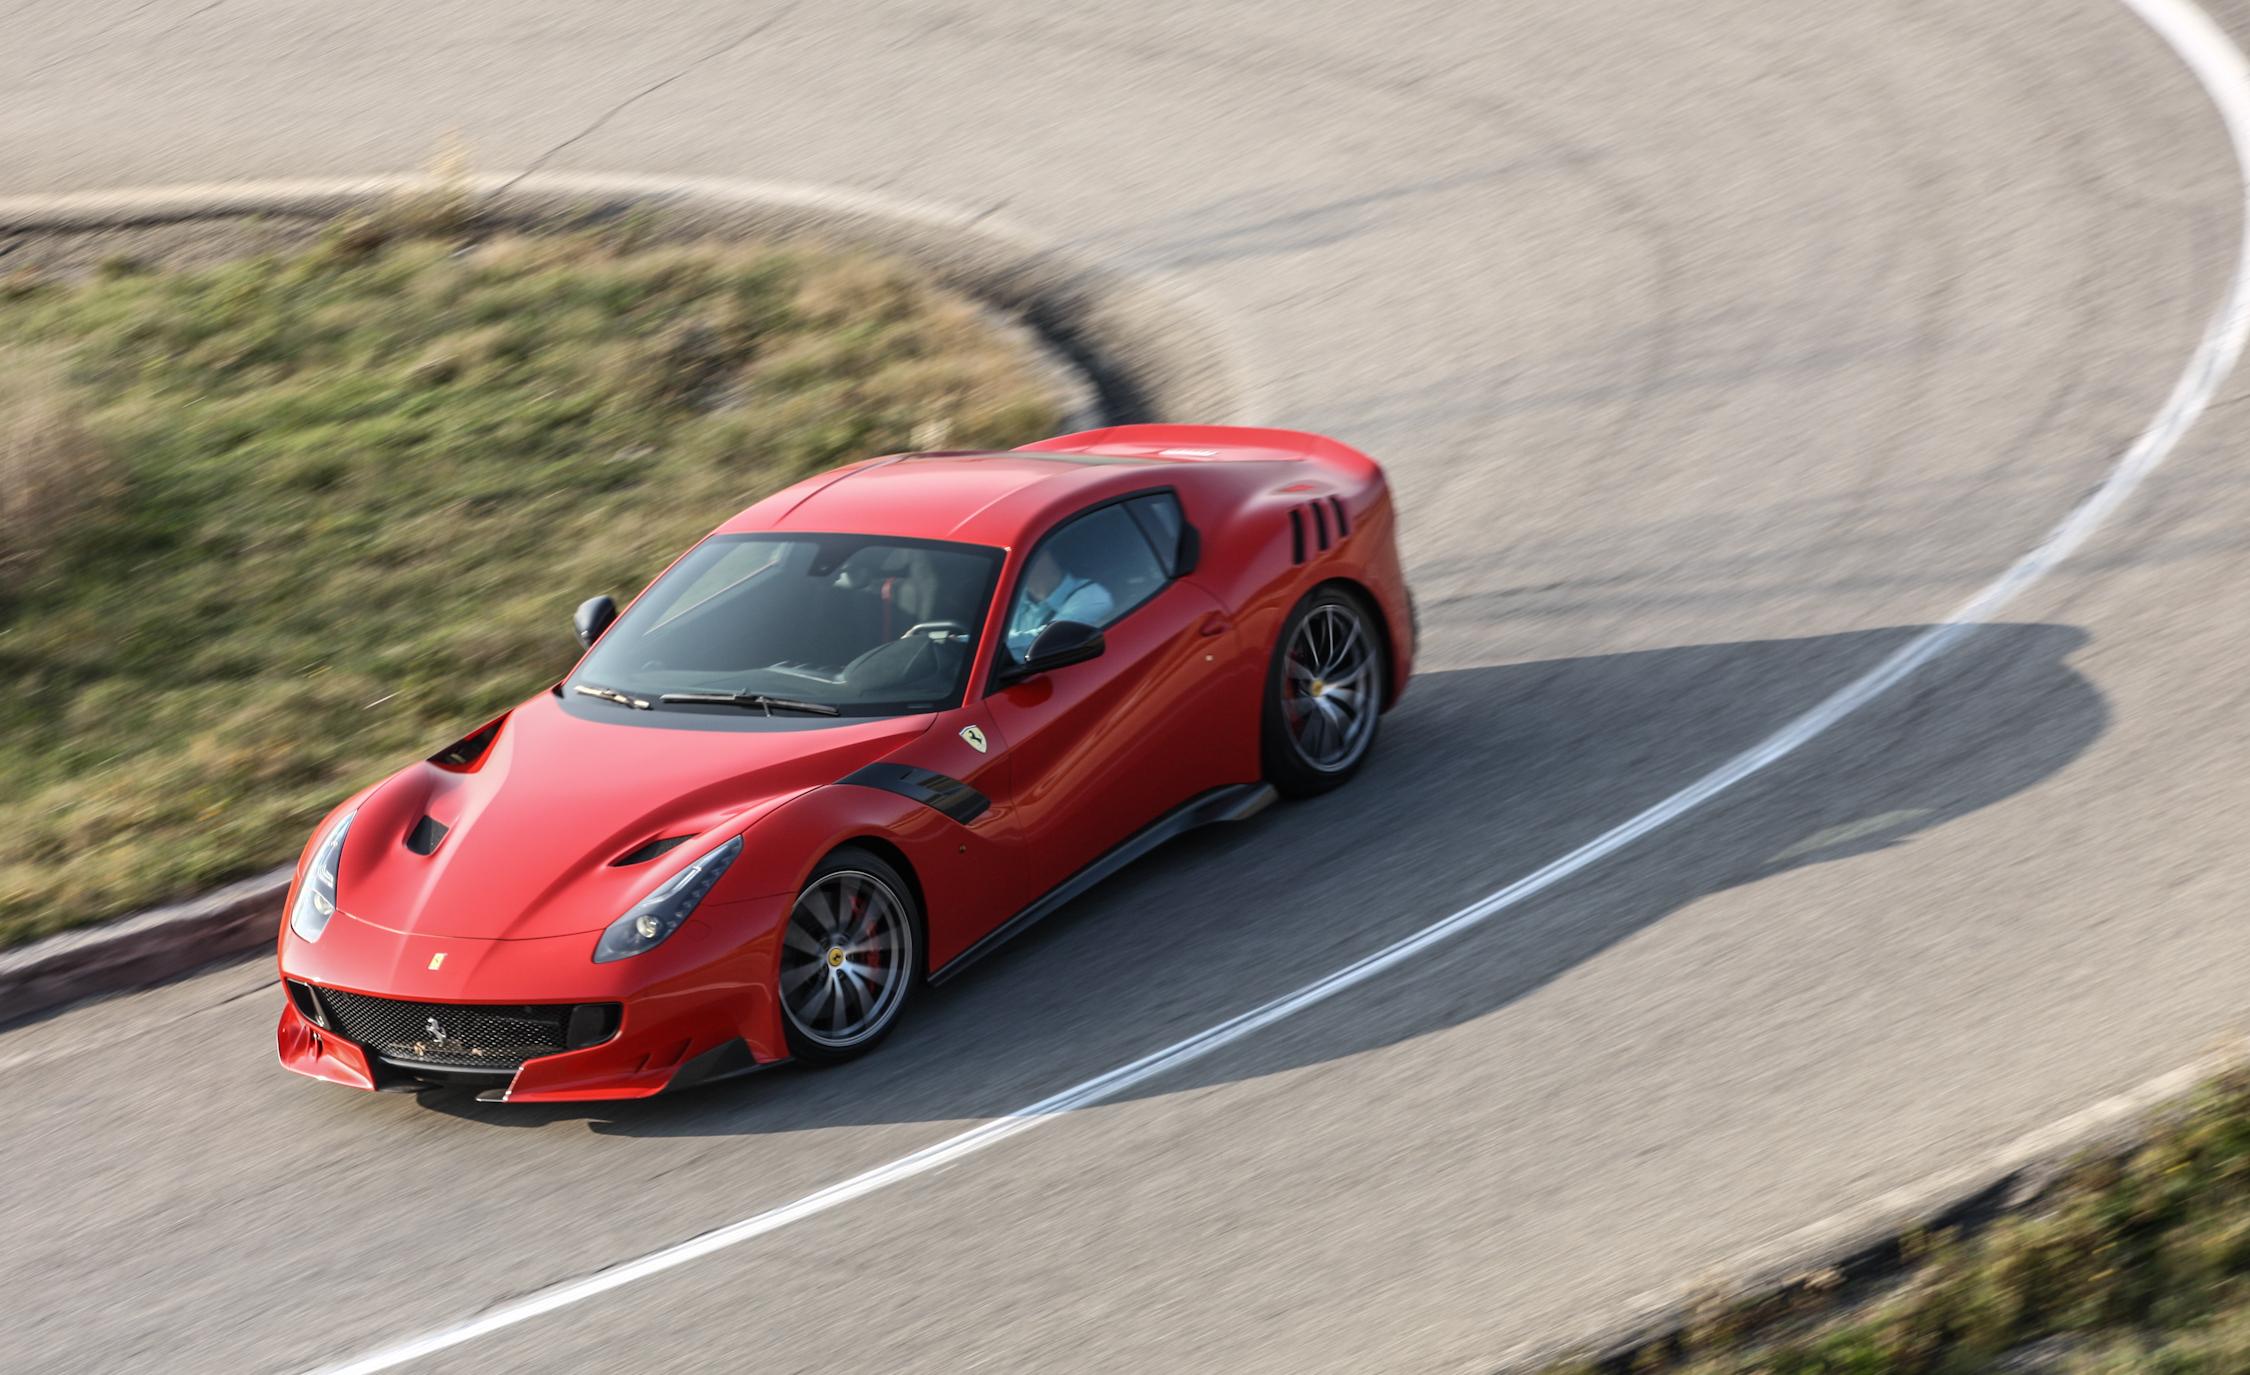 2016 Ferrari F12tdf Exterior Preview